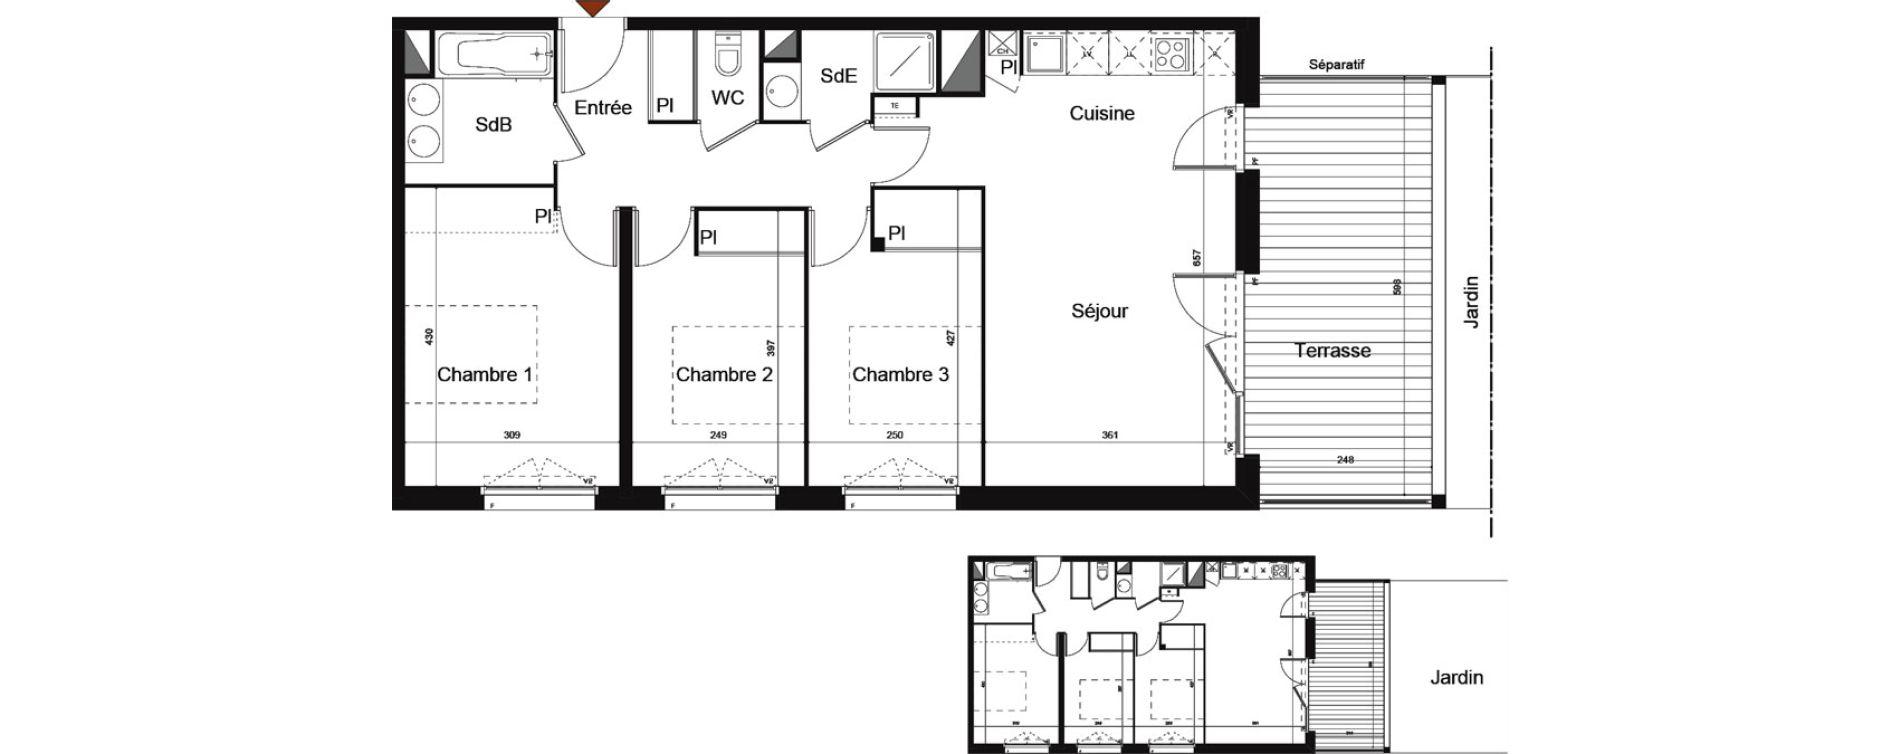 Appartement T4 de 74,97 m2 à Castanet-Tolosan Centre